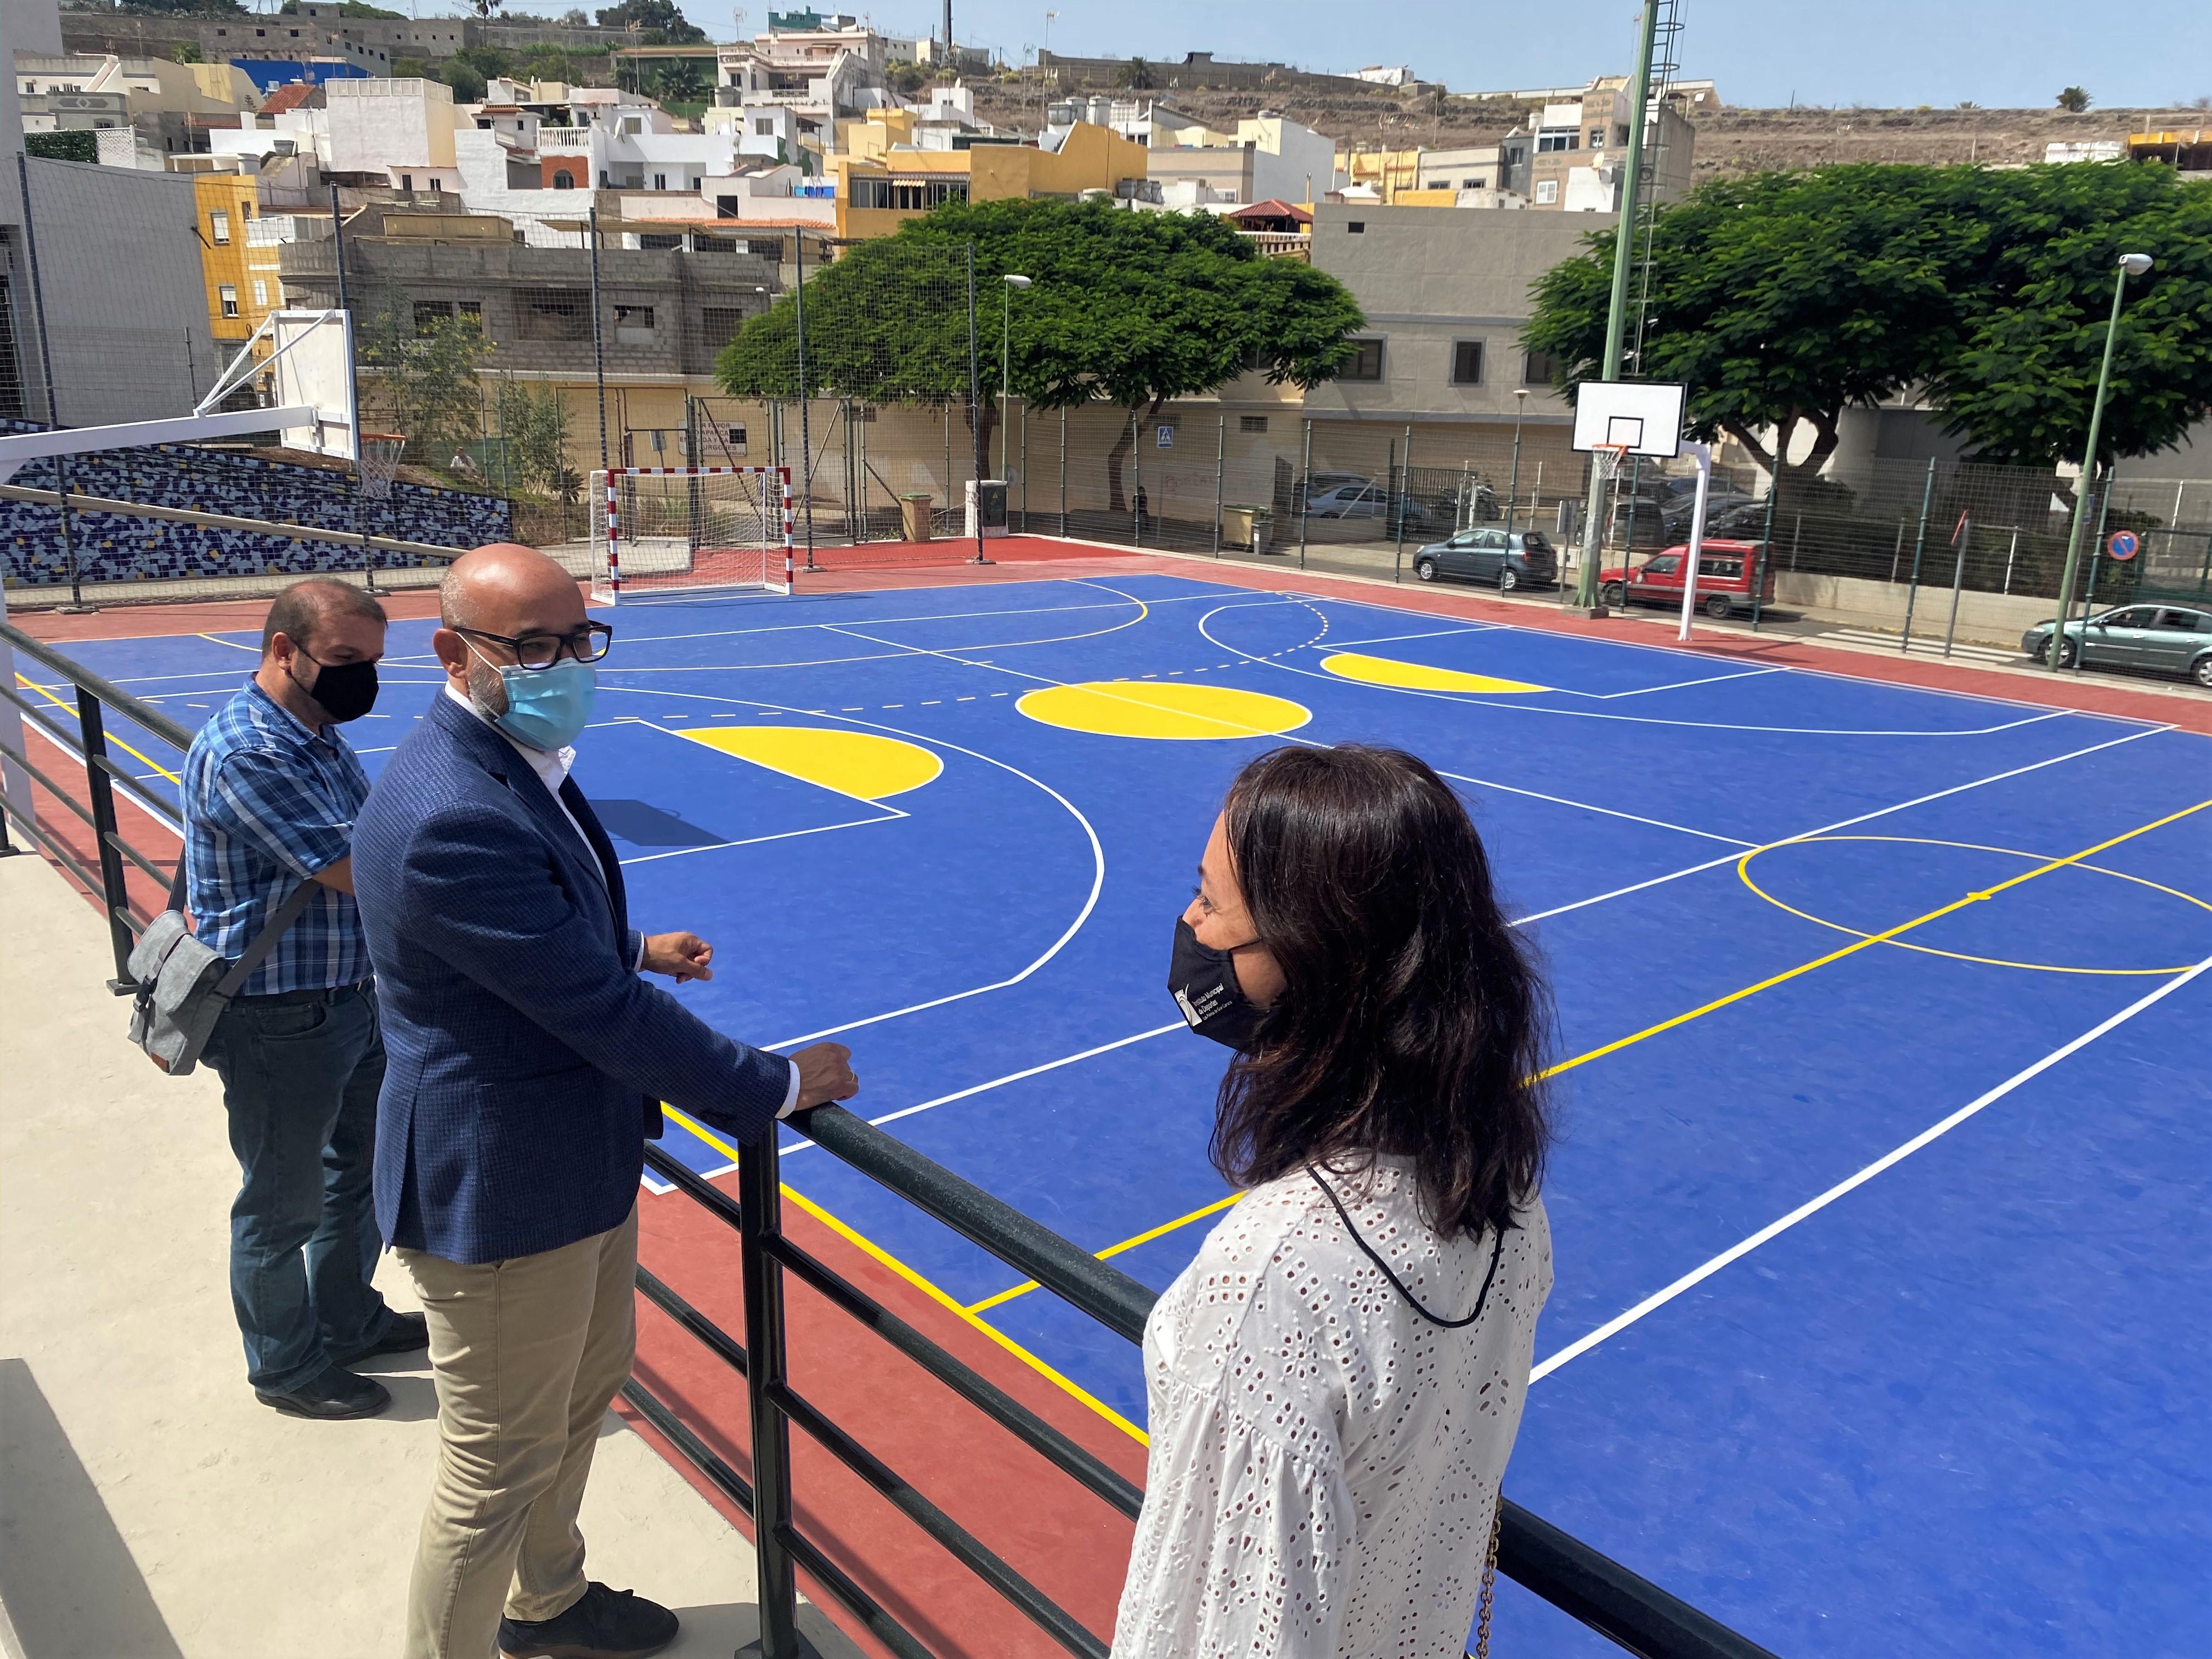 El IMD invierte 45.000 euros en la renovación de las canchas deportivas de Hoya Andrea